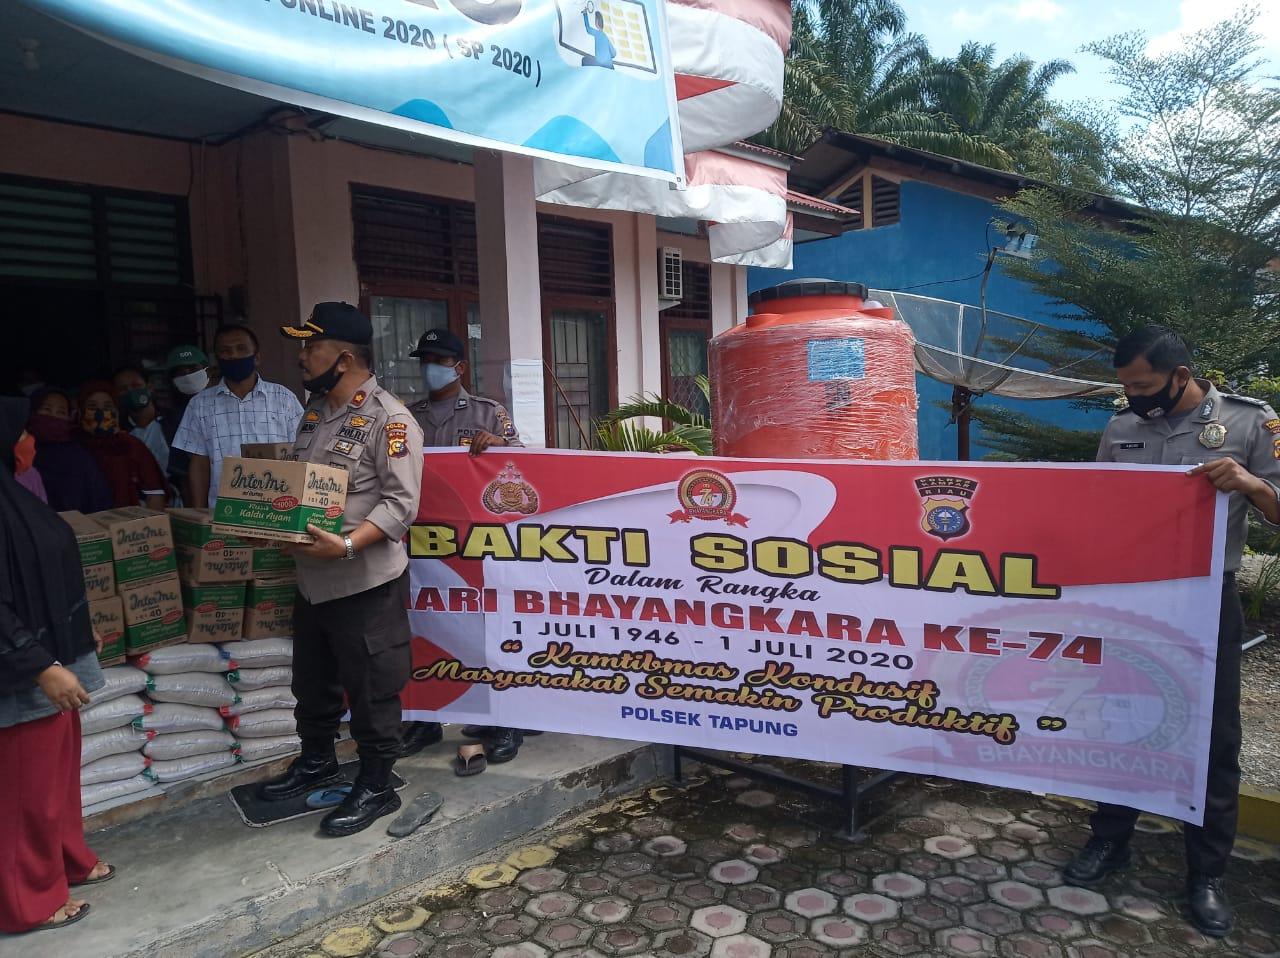 Polsek Tapung Gelar Bakti Sosial Hari Bhayangkara Ke – 74, Bagikan 20 Paket Sembako di Desa Indra Sakti